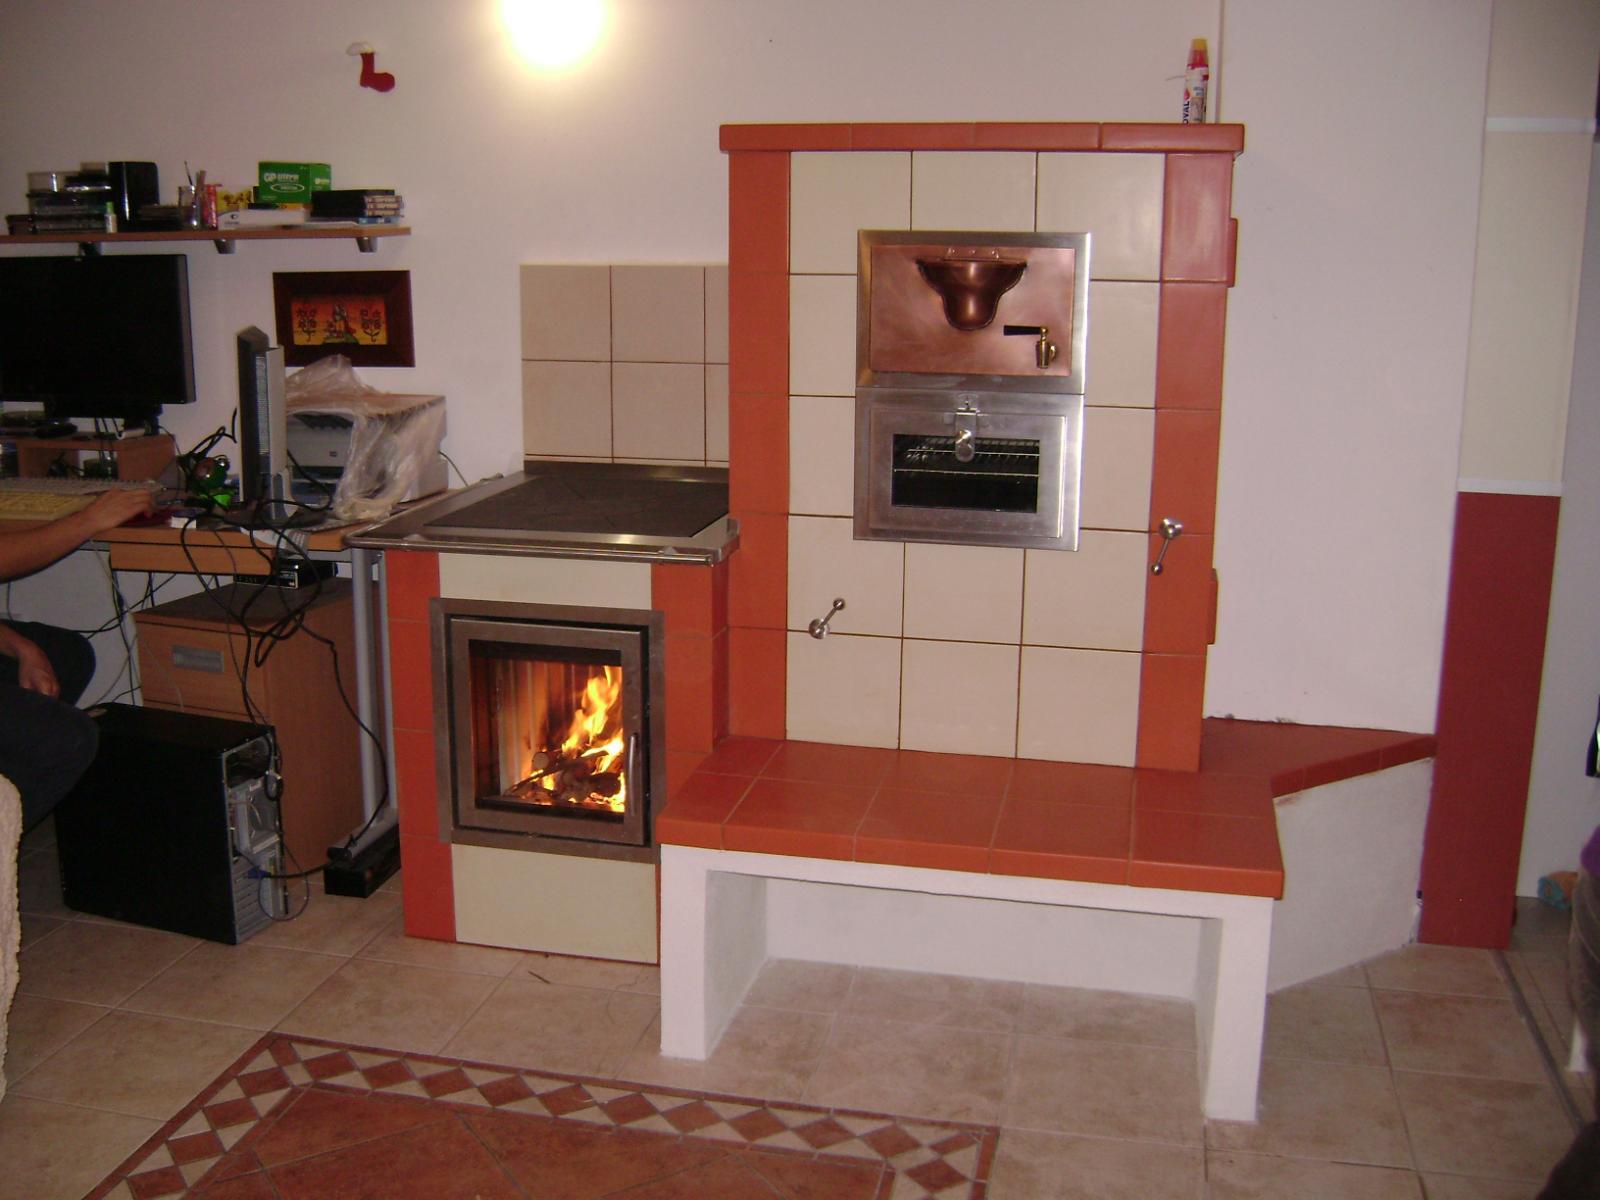 wen aus kachelofen nach braten duftet pe arstvo turk. Black Bedroom Furniture Sets. Home Design Ideas